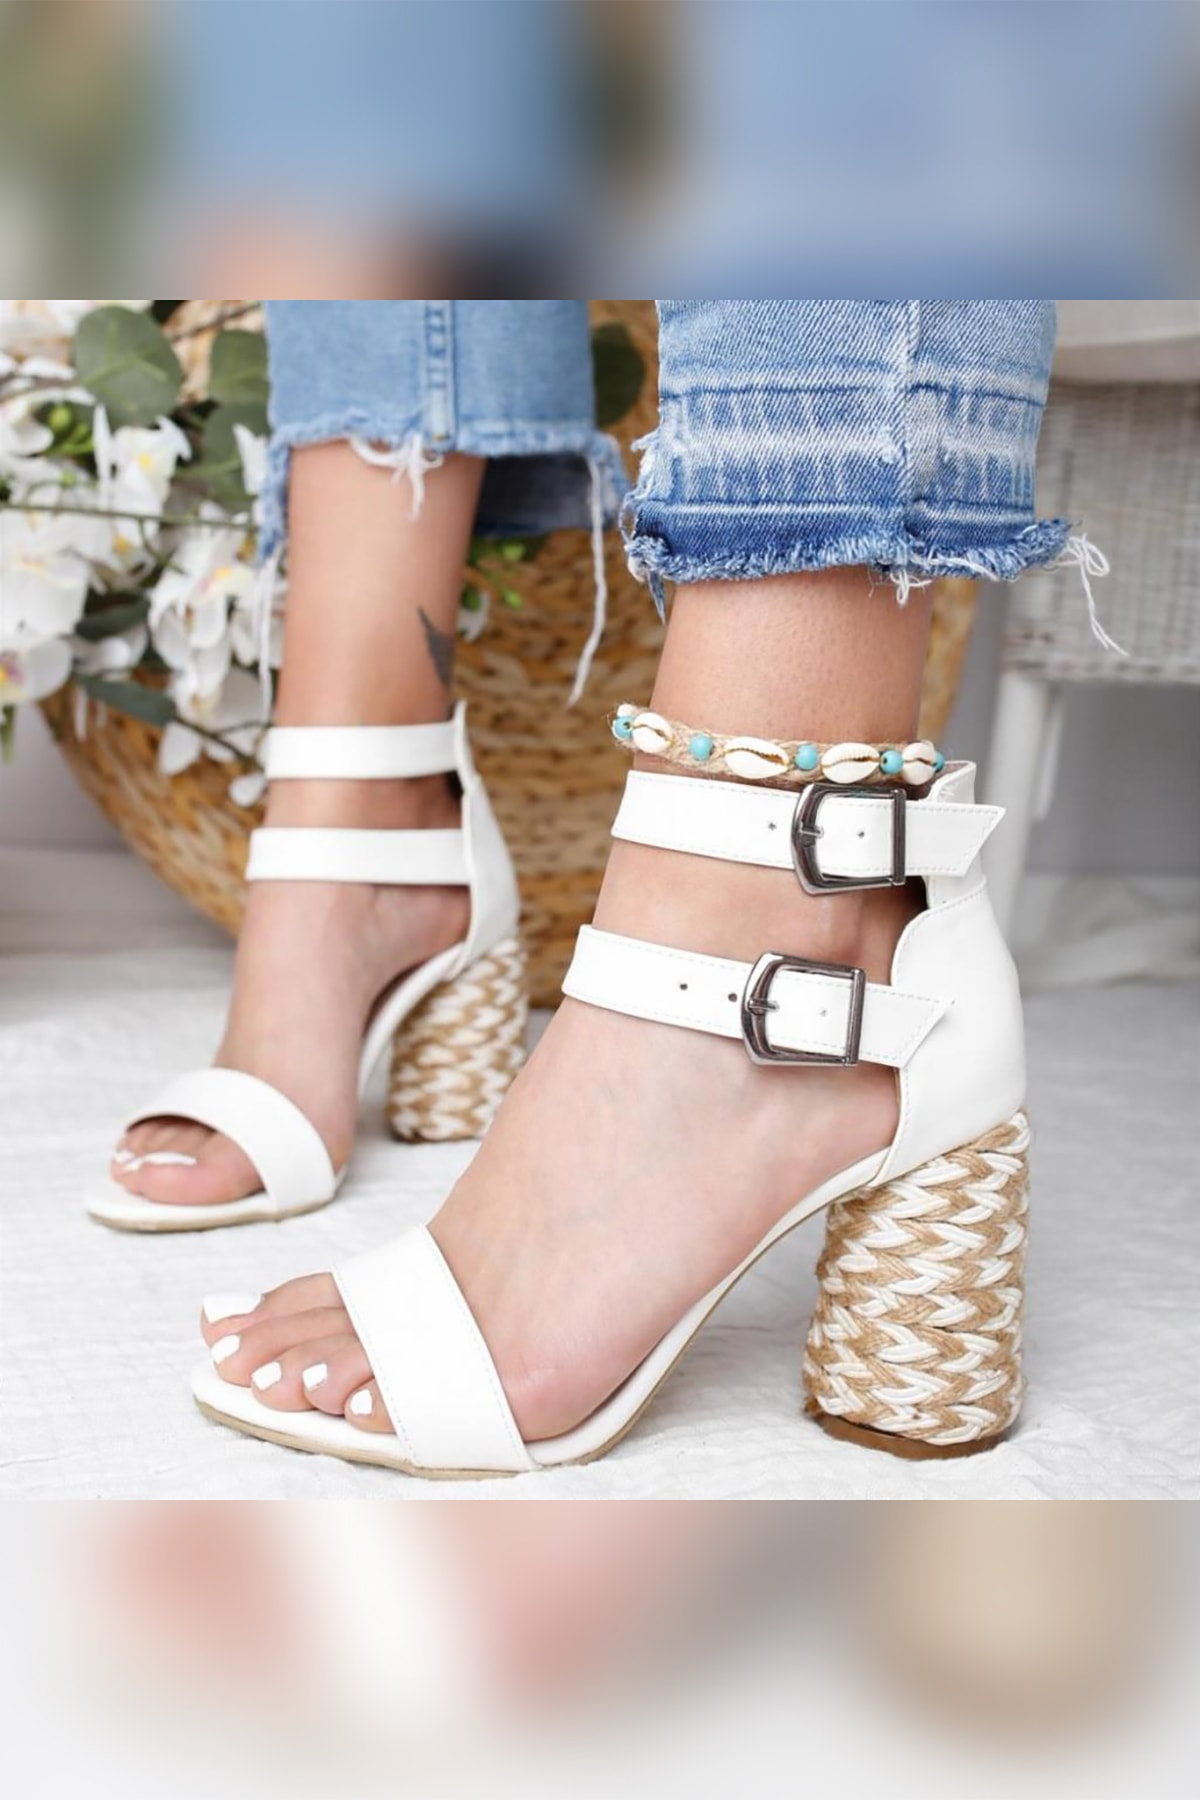 Limoya Galilea Beyaz Çift Bantlı Gerçek Hasır Topuklu Sandalet 1